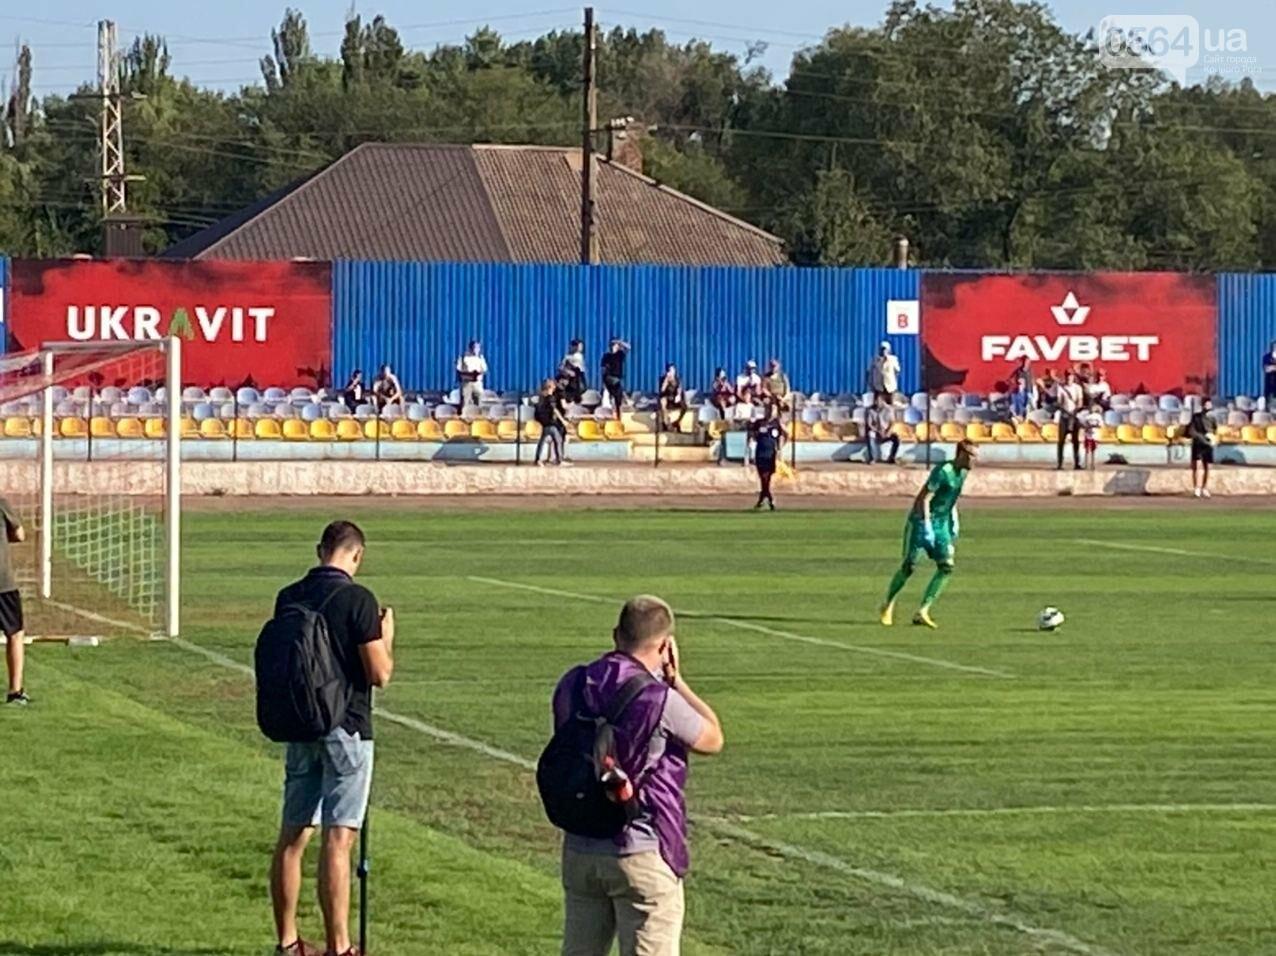 В Кривом Роге начался матч между ФК «Кривбасс» и ФК «Таврия»,  - ФОТО, ВИДЕО, фото-4